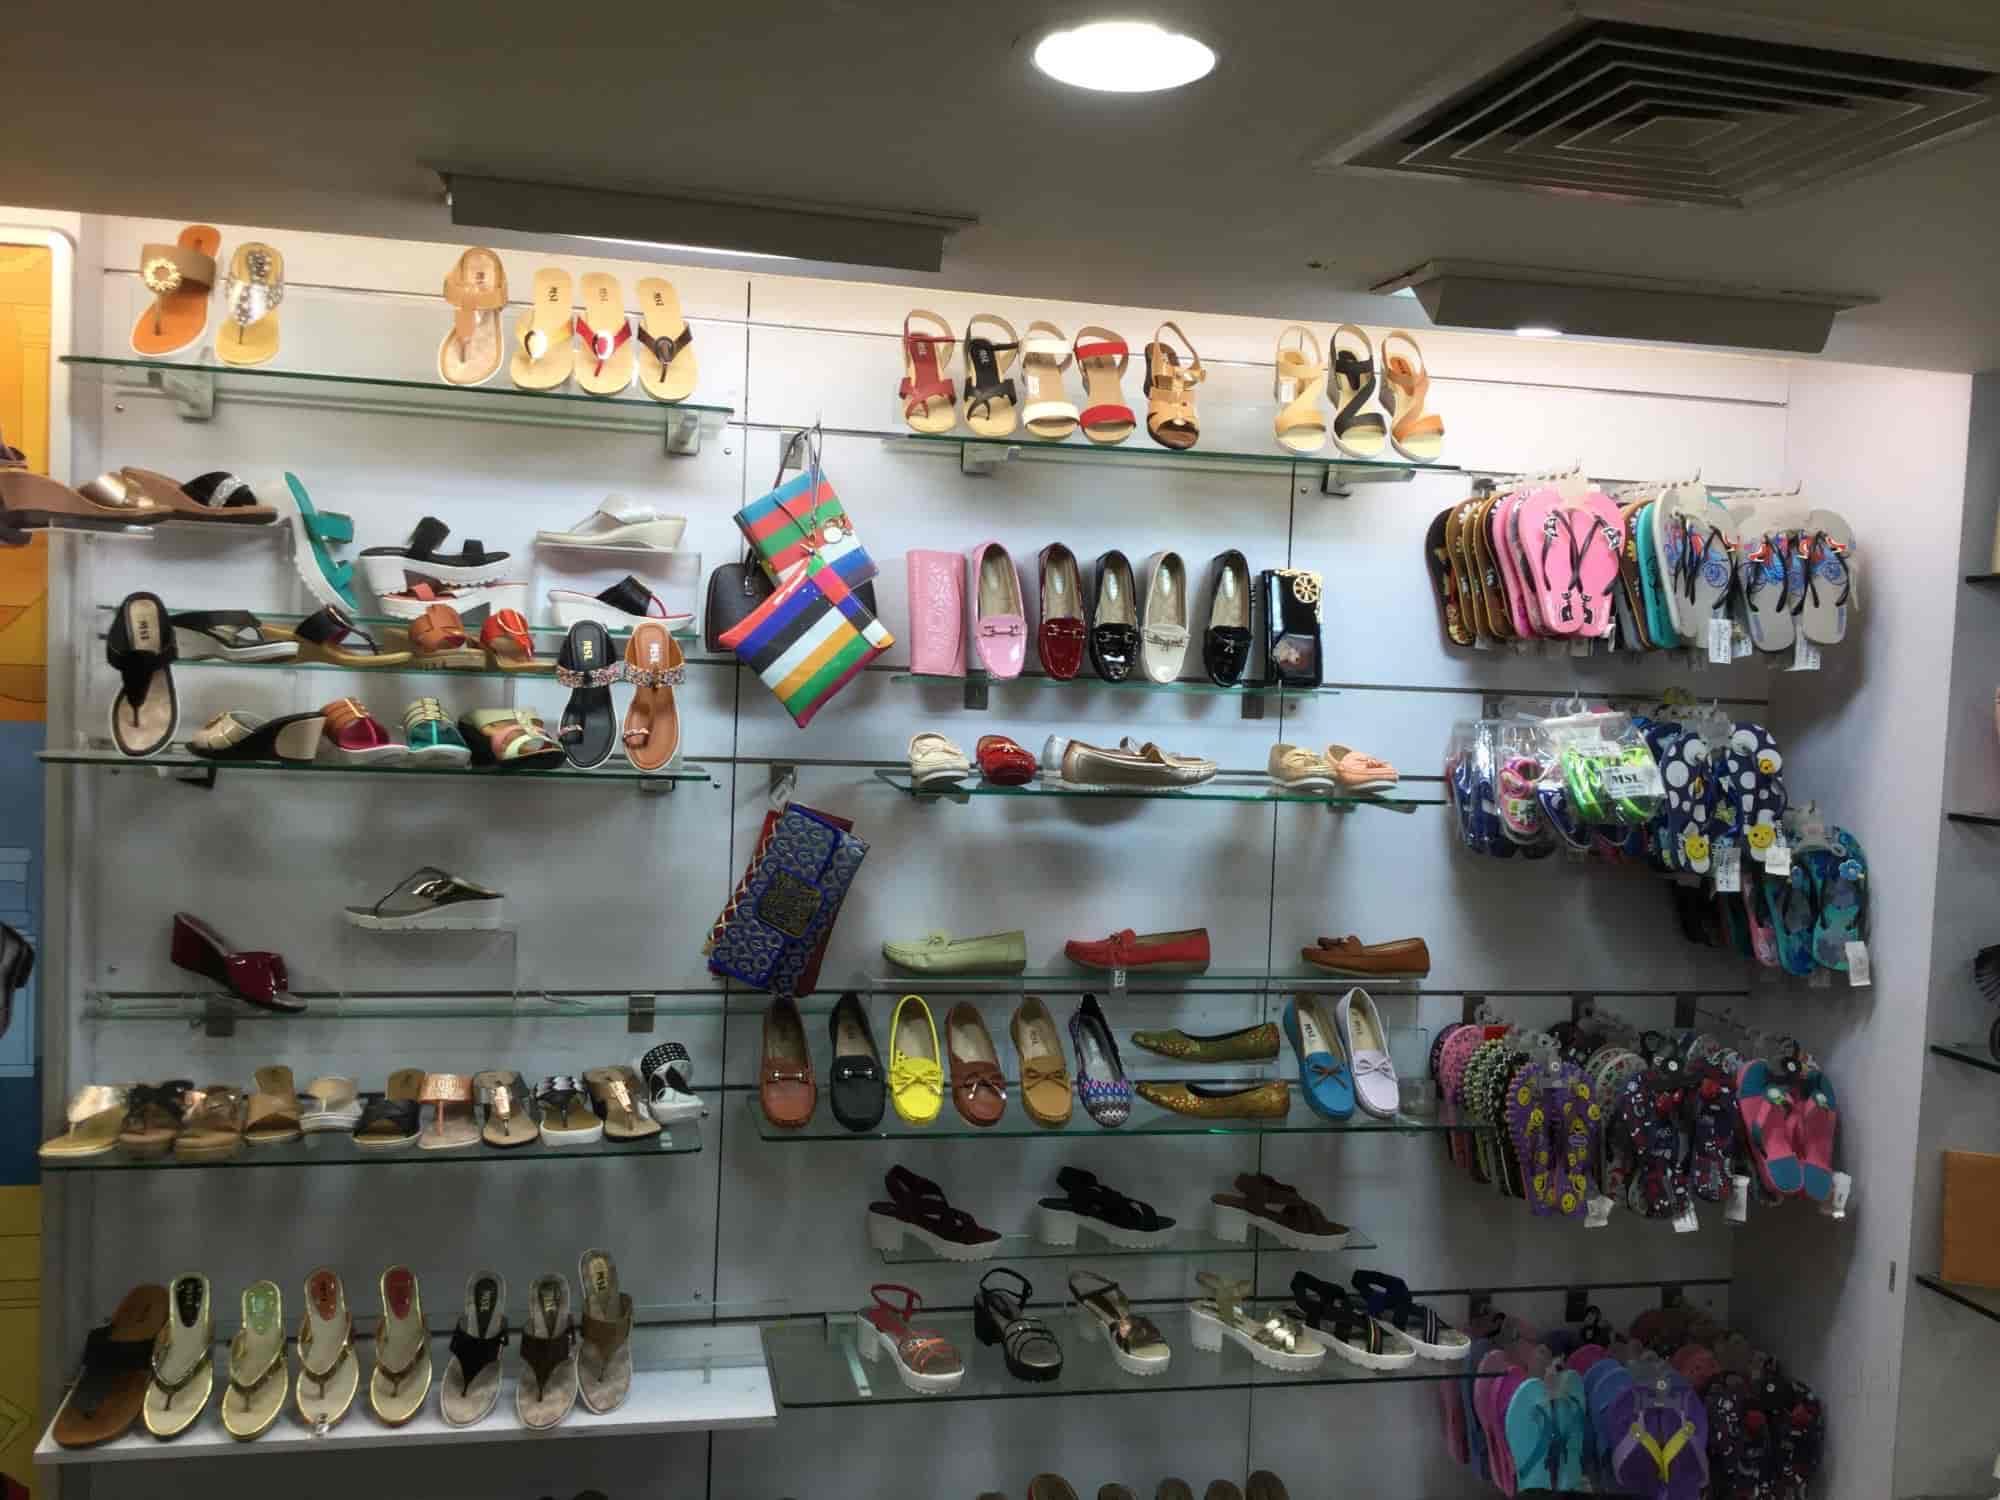 Msl Footwear Kalavad Road Footware Shoe Dealers In Rajkot Justdial